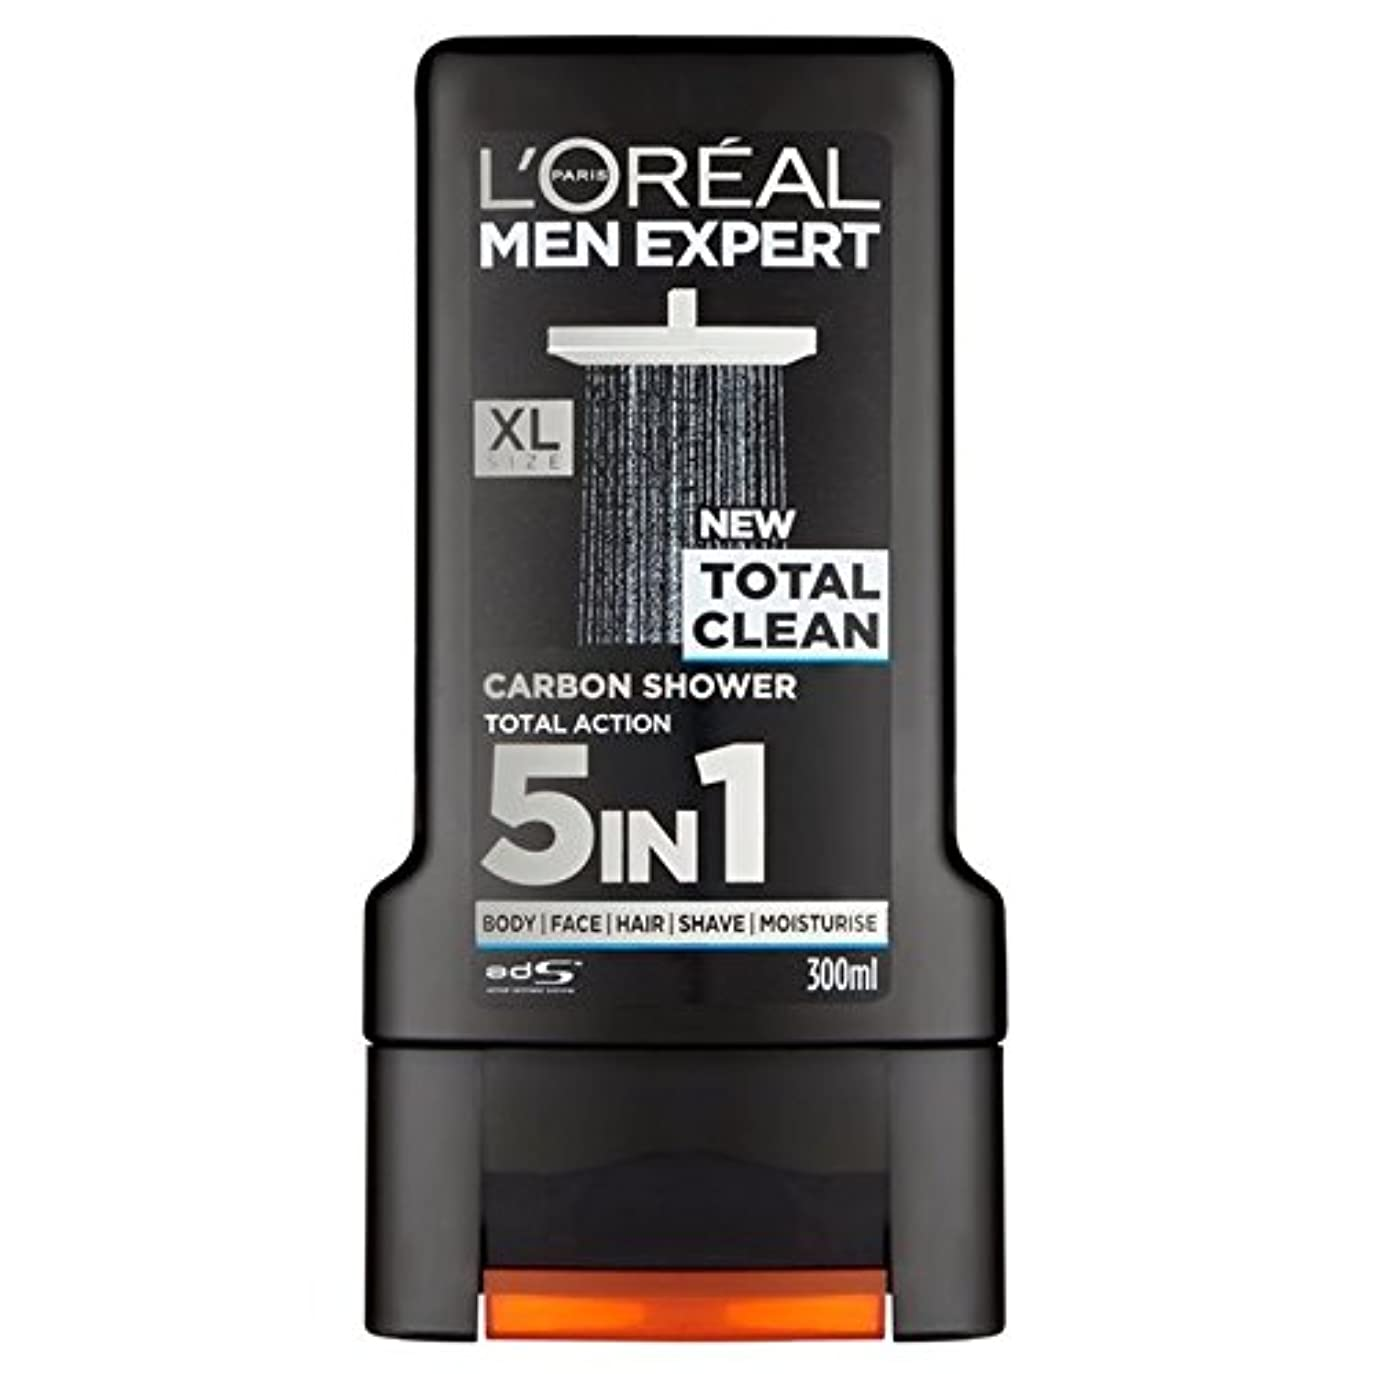 追跡賛美歌ヒープロレアルパリのメンズ専門トータルクリーンシャワージェル300ミリリットル x4 - L'Oreal Paris Men Expert Total Clean Shower Gel 300ml (Pack of 4) [並行輸入品]